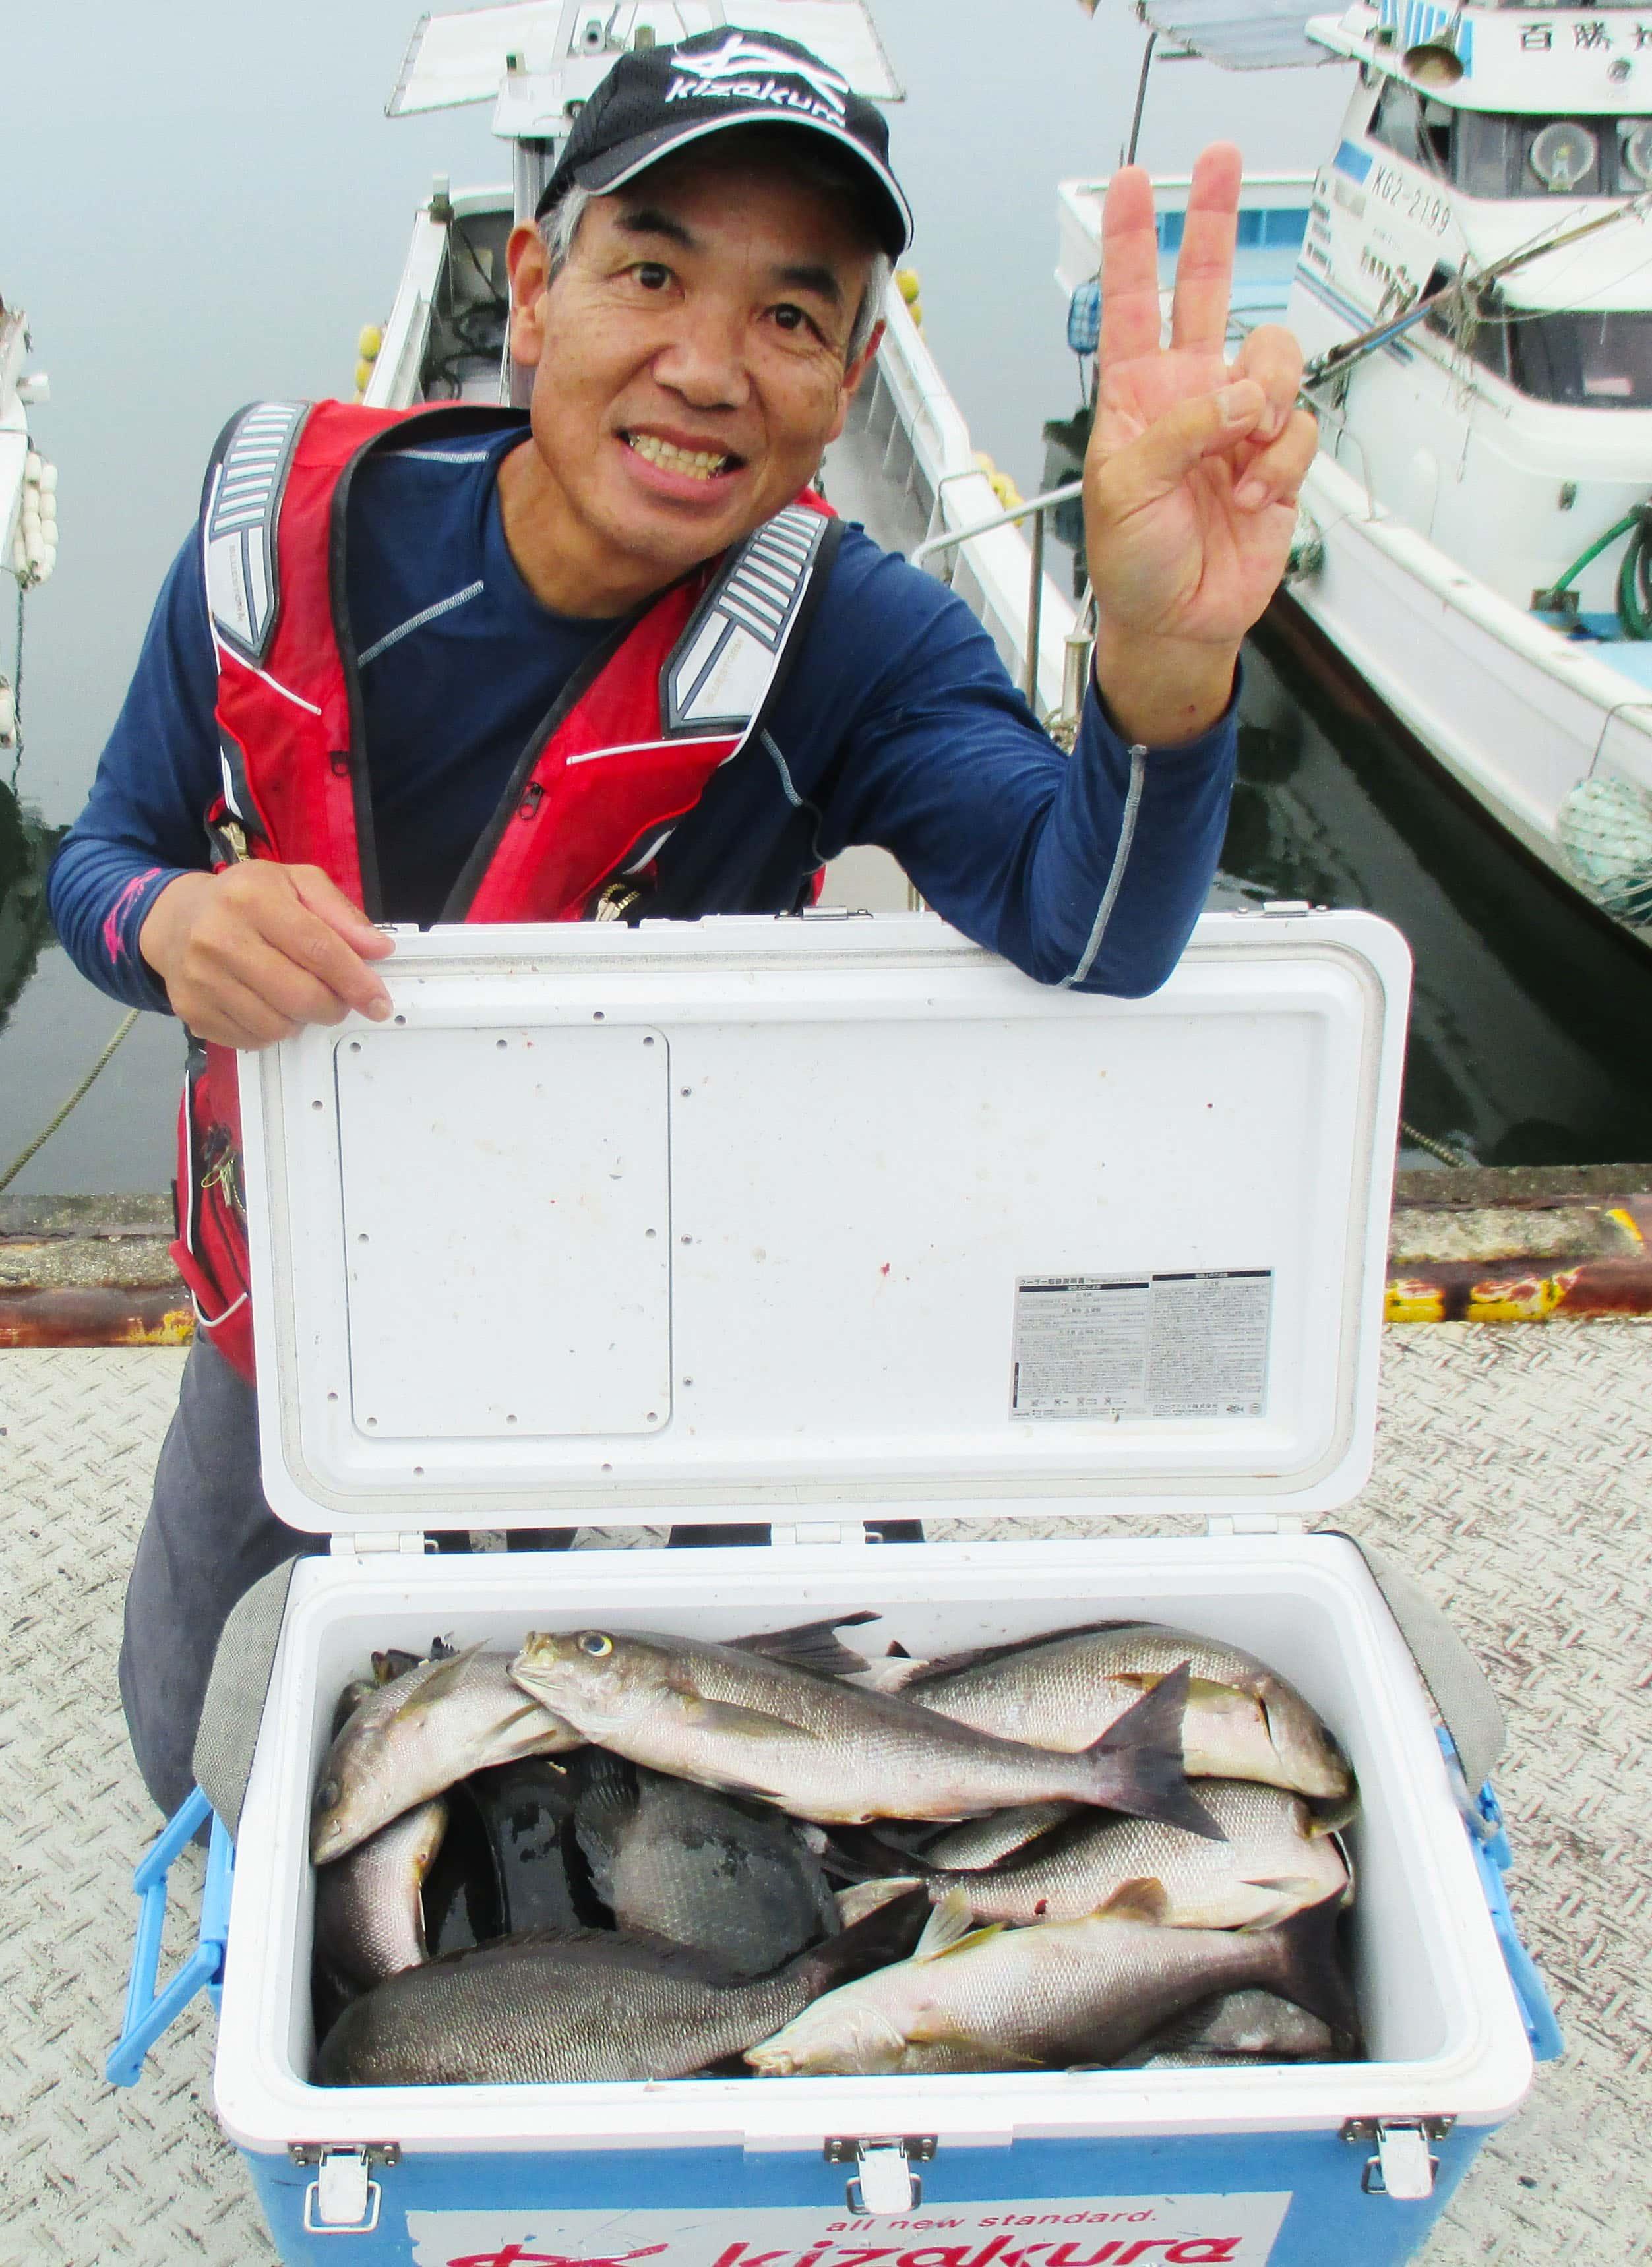 磯フカセ釣りで43cm頭にイサキ32尾 同調方法と針サイズで釣り分け